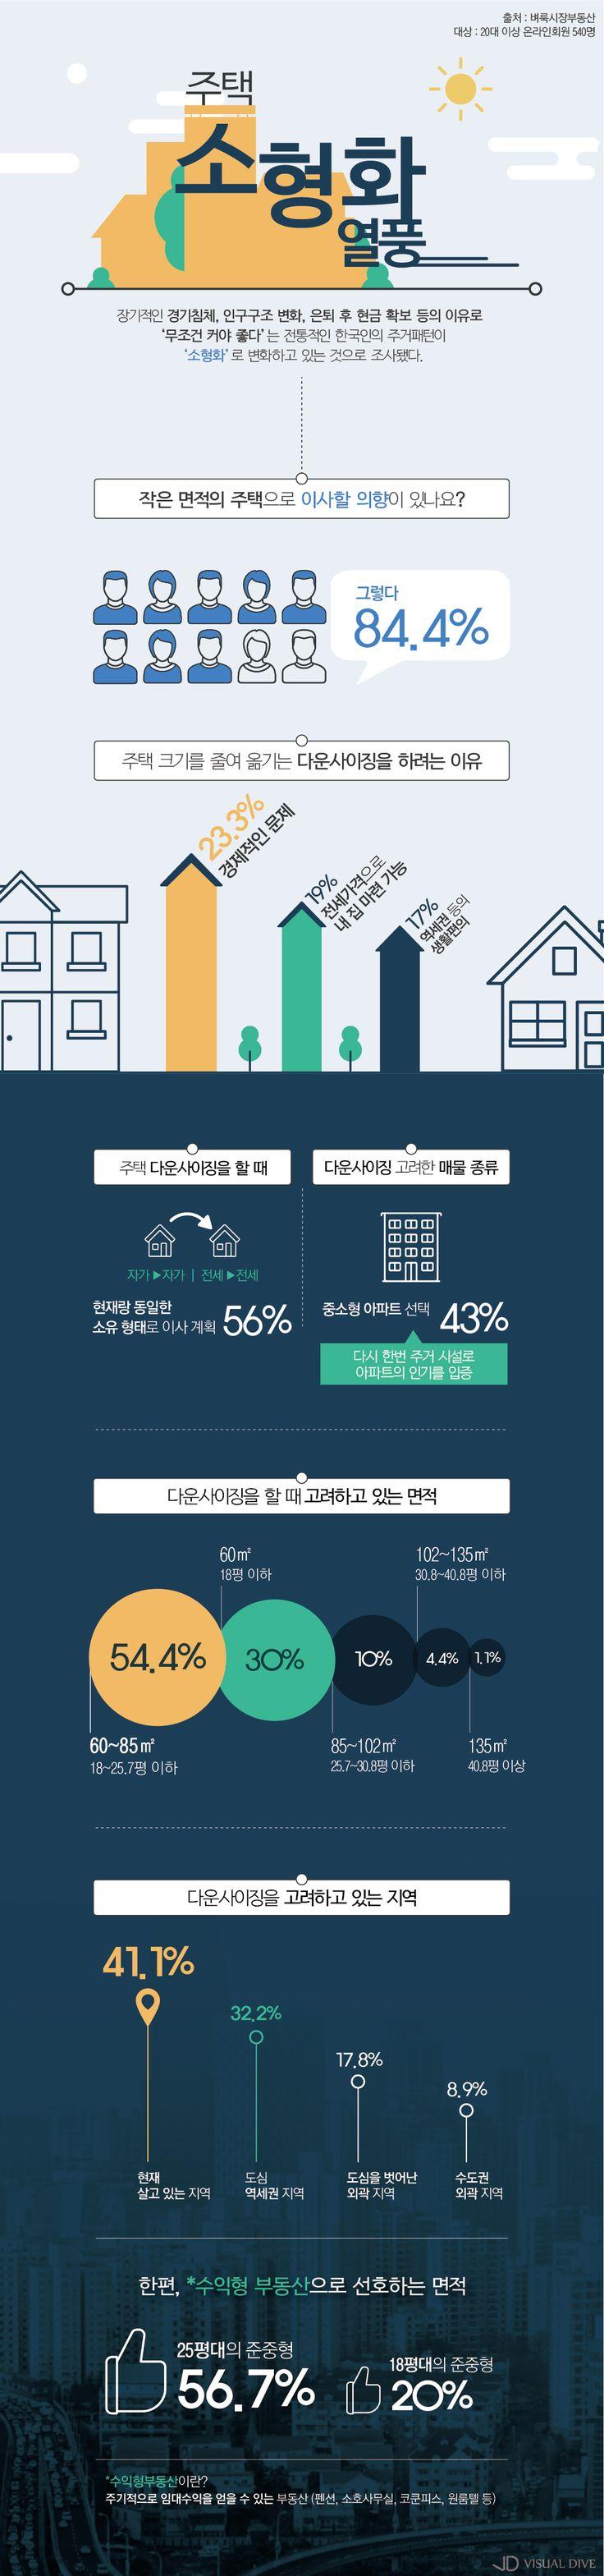 경제 부담에 '주택소형화 열풍'… 가장 선호하는 면적은? [인포그래픽] #house / #Infographic ⓒ 비주얼다이브 무단 복사·전재·재배포 금지